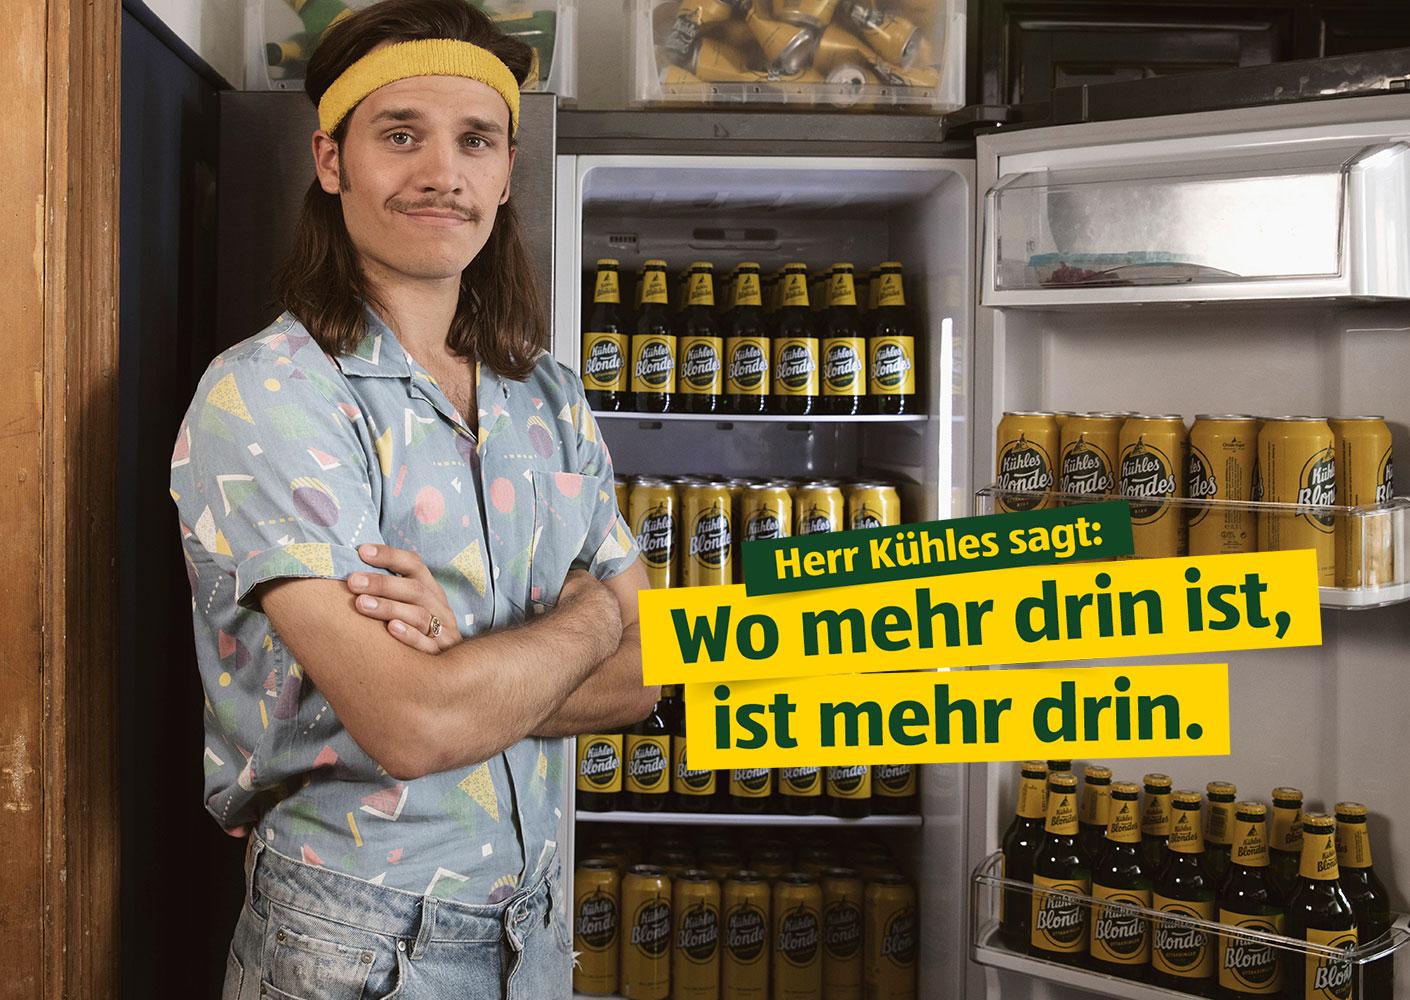 Ottakringer-KB-HerrKuehles-MehrDrin